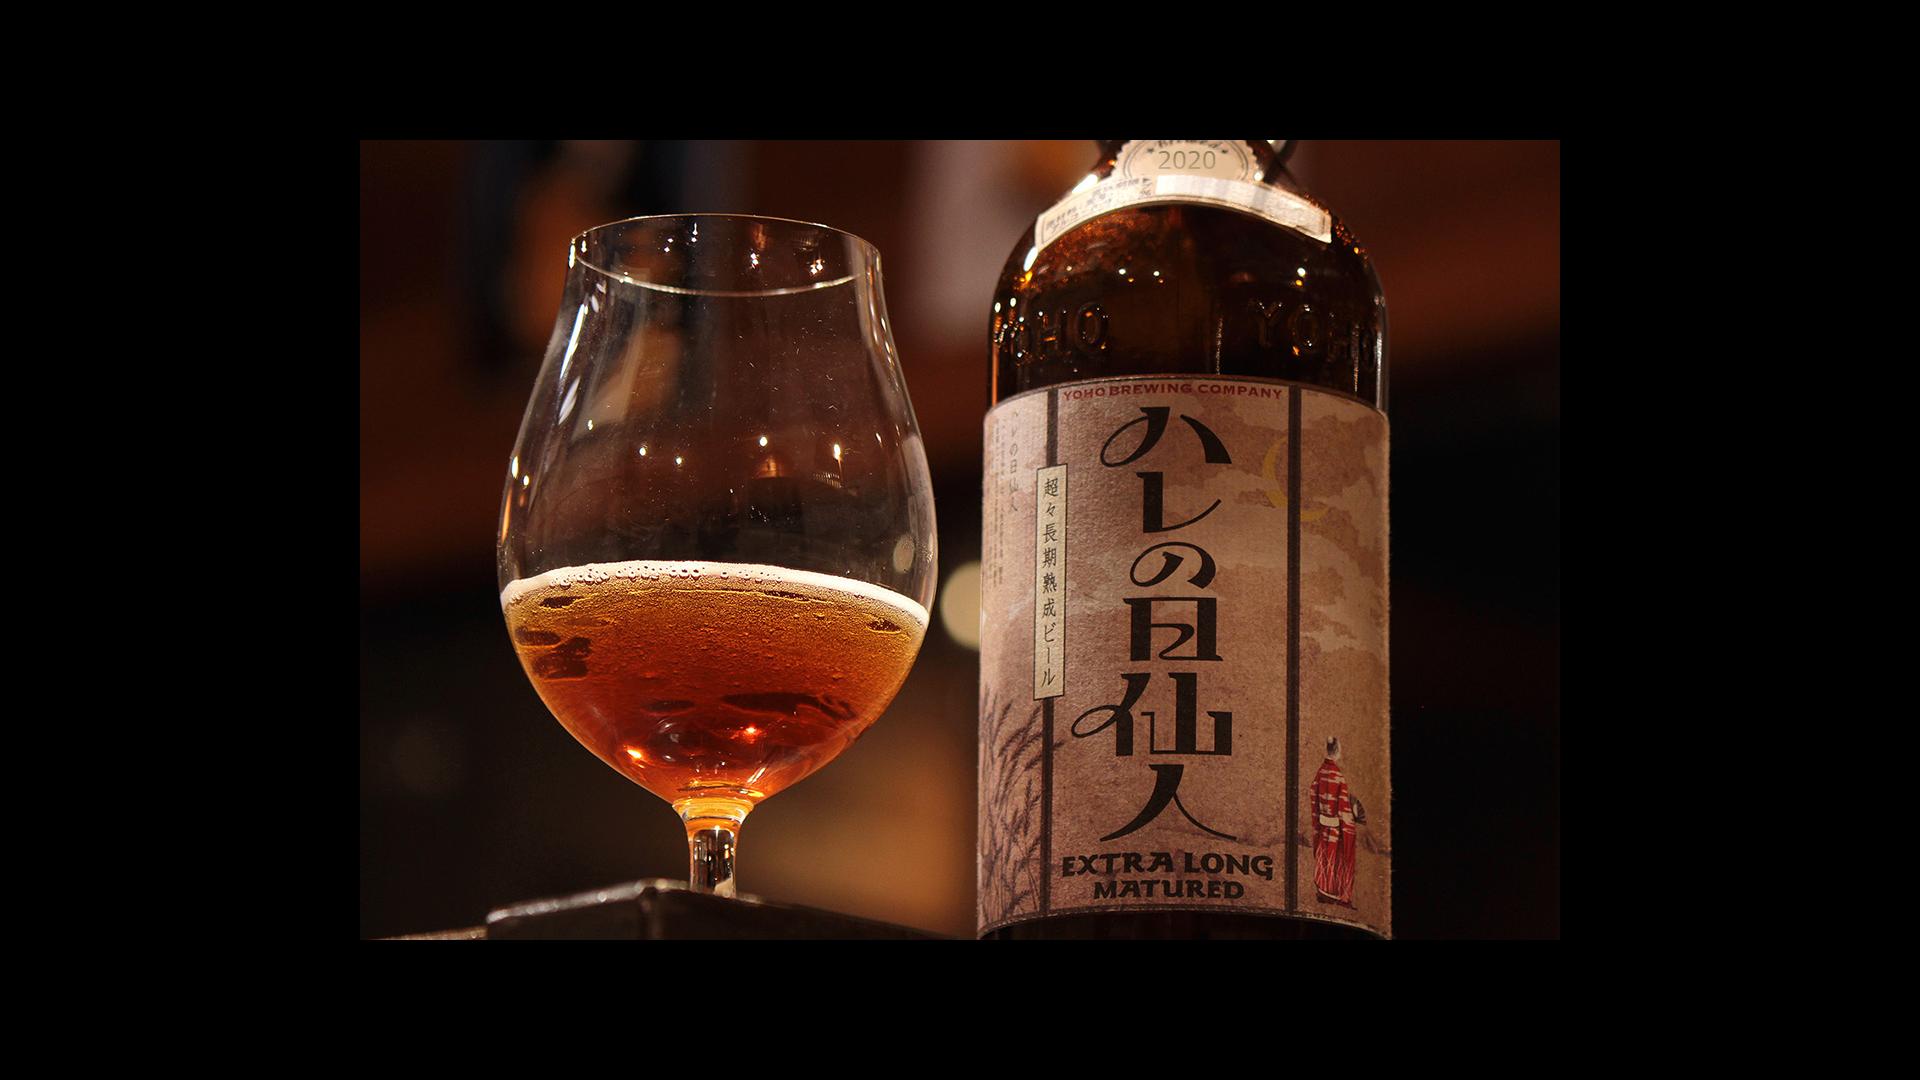 日本で珍しい超々長期熟成クラフトビール「ハレの日仙人 2020」を発売